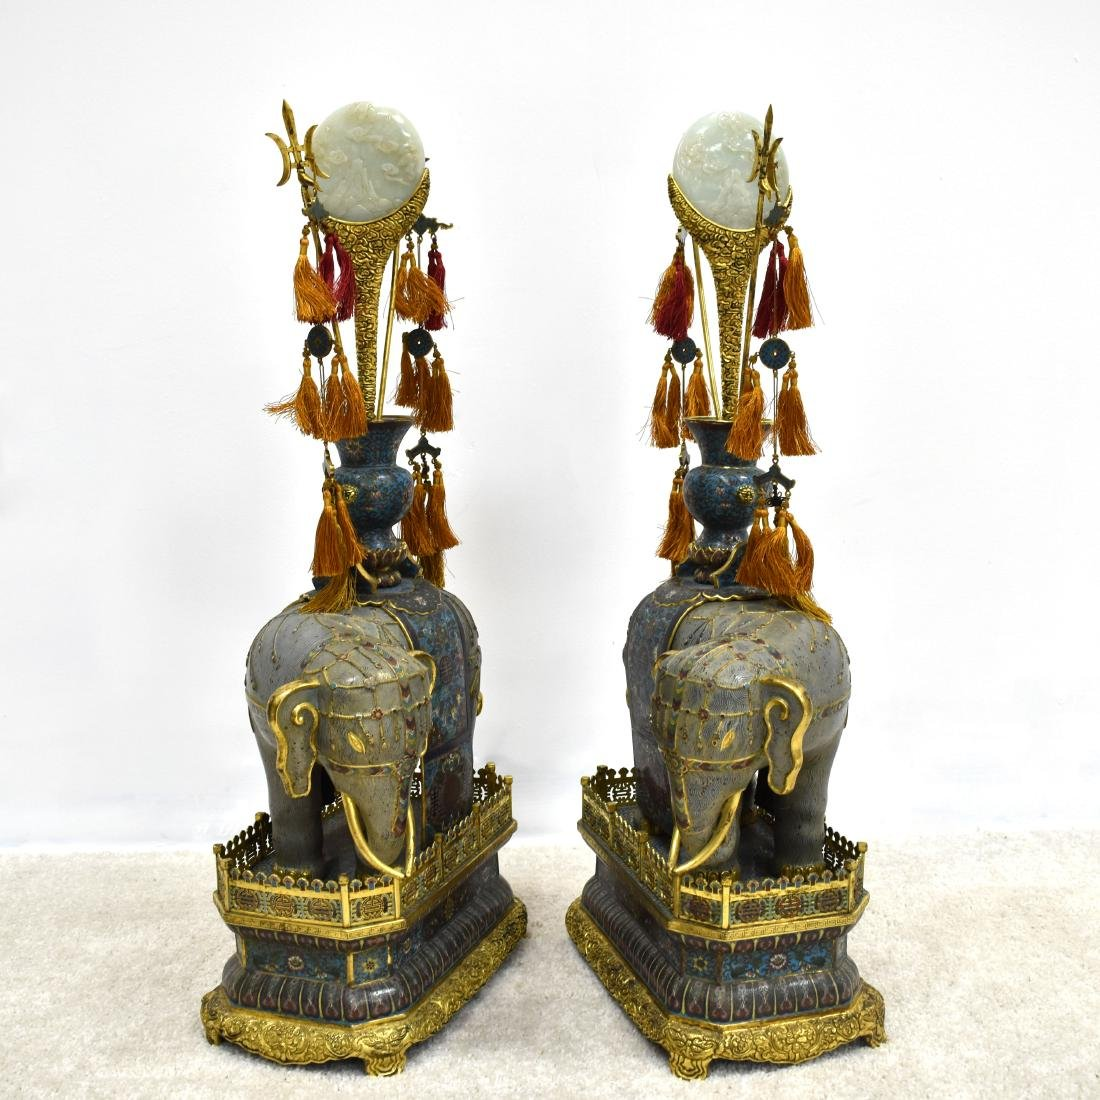 LARGE PAIR OF GILT BRONZE CLOISONNE ELEPHANTS - 10